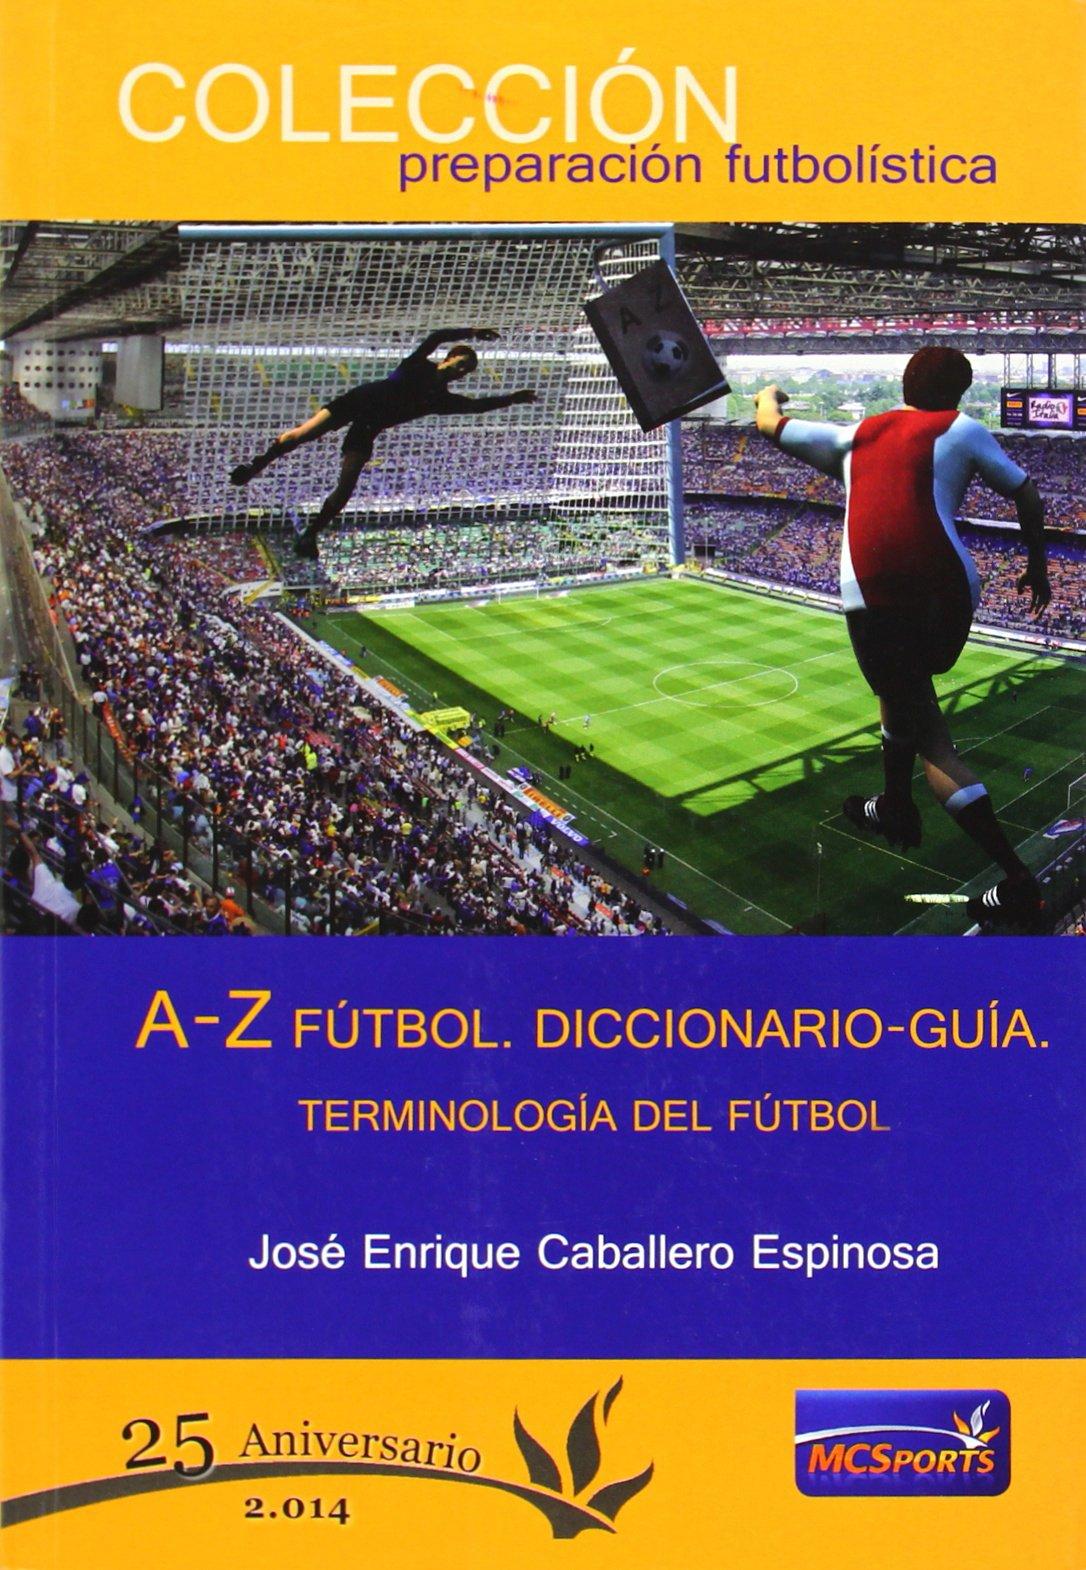 A-Z fútbol. Diccionario-Guía. Terminología del fútbol (Preparacion Futbolistica)